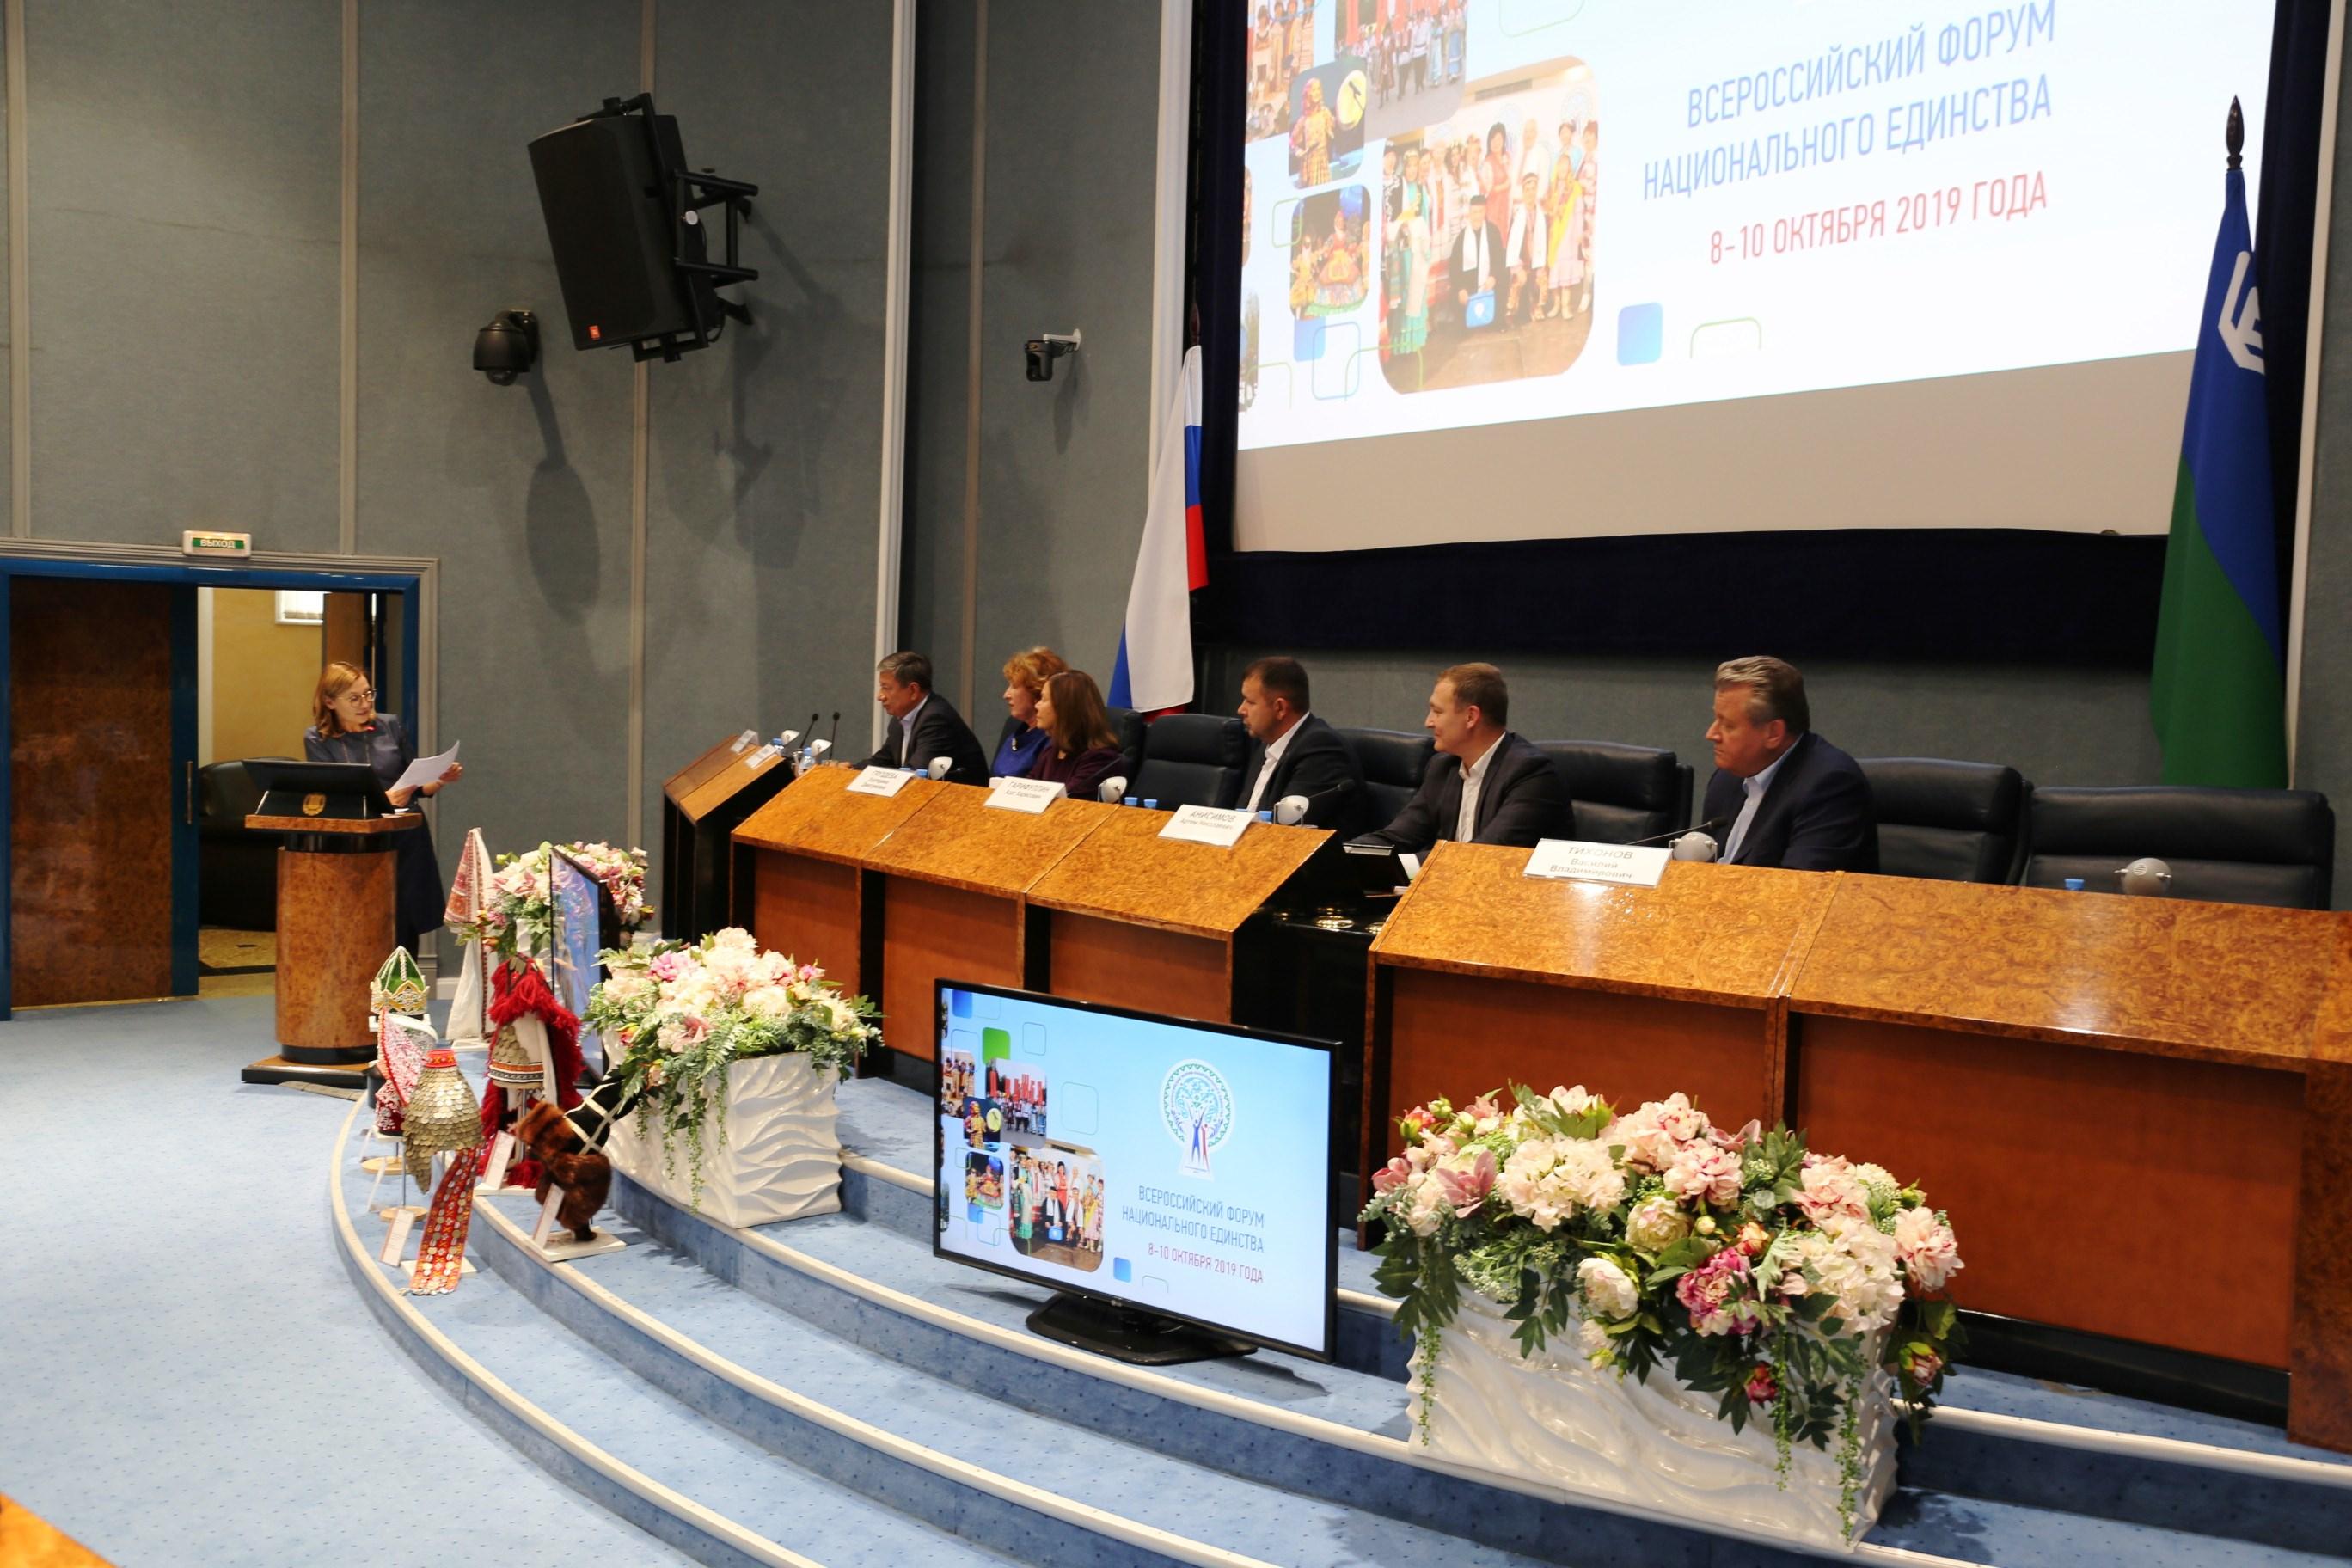 Тольятти признали одним из лучших городов в деле укрепления мира и согласия